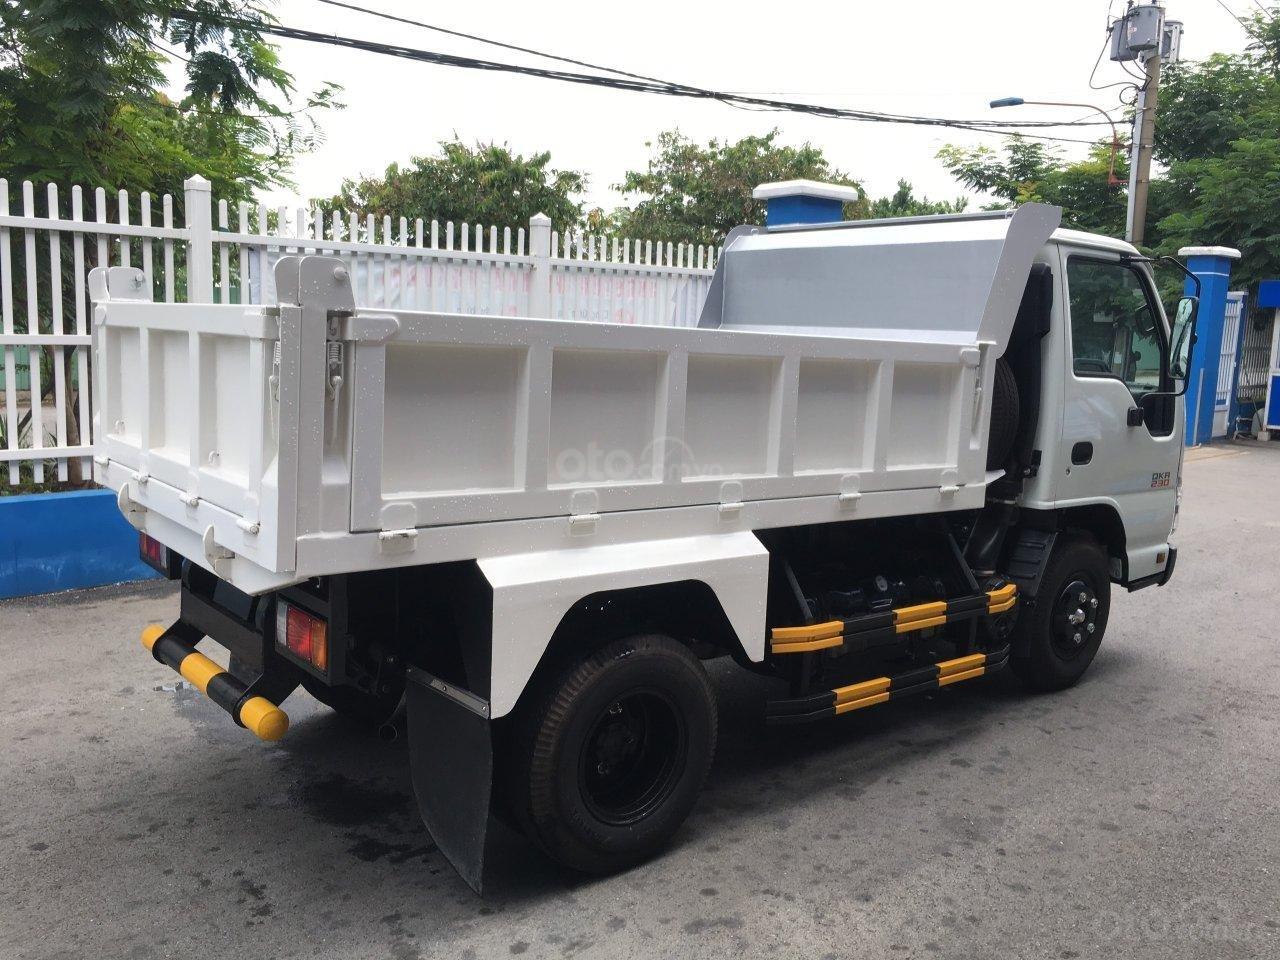 Bán Isuzu thùng ben 2.5M3 KM 100% thuế trước bạ, 200L dầu, 2 vỏ xe, máy lạnh (3)